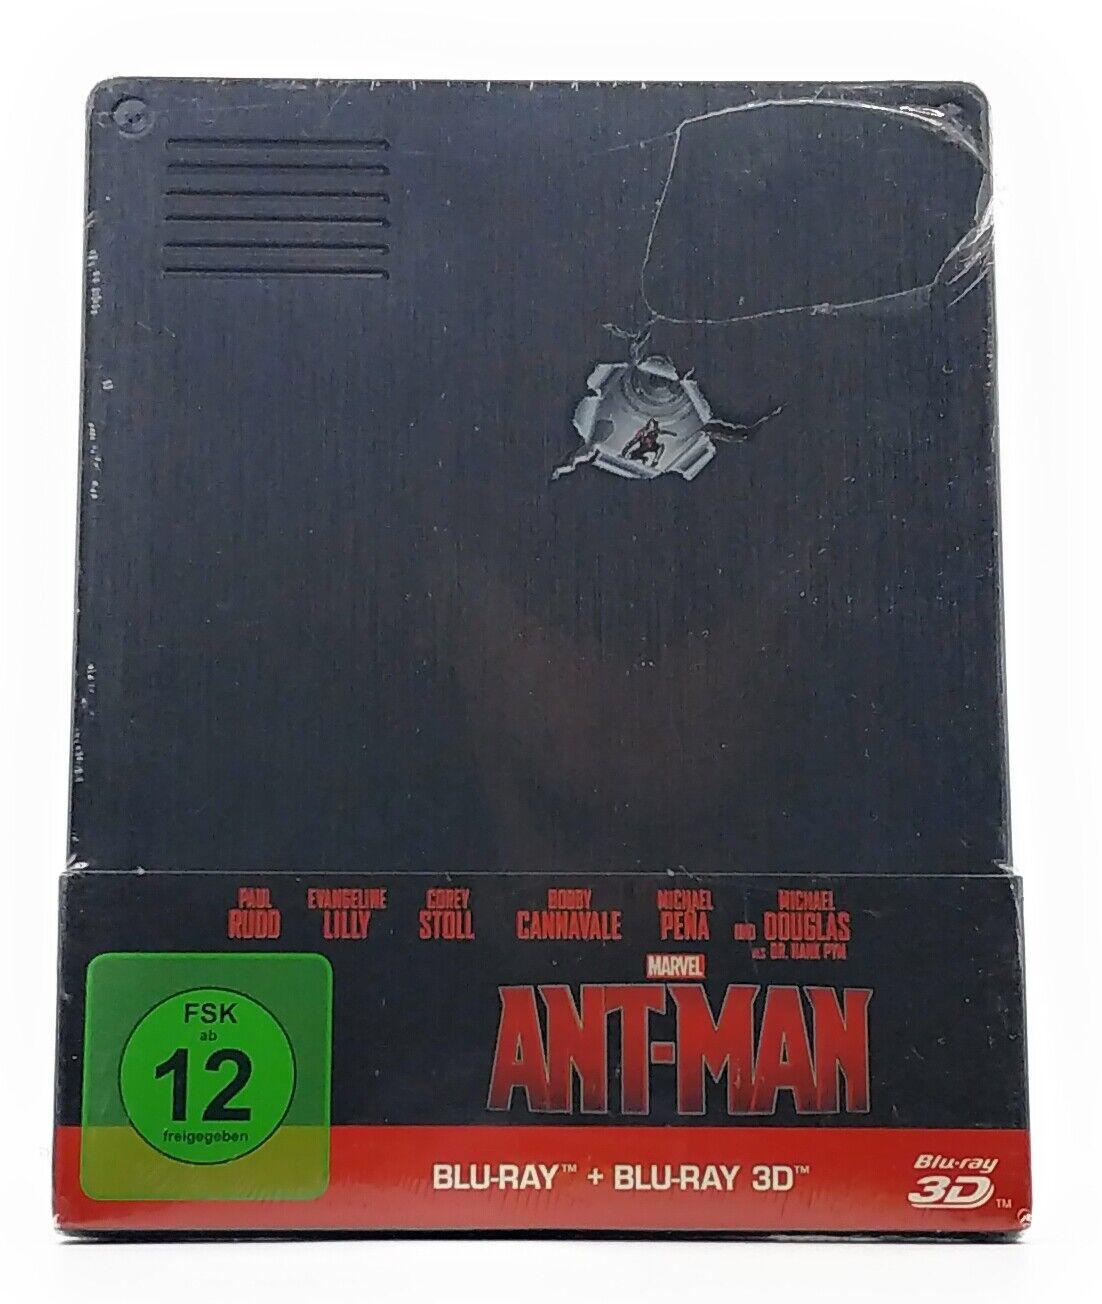 Marvel Ant-Man 3D Blu-ray NEU & OVP Film Steelbook Komplett auf Deutsch FSK 12